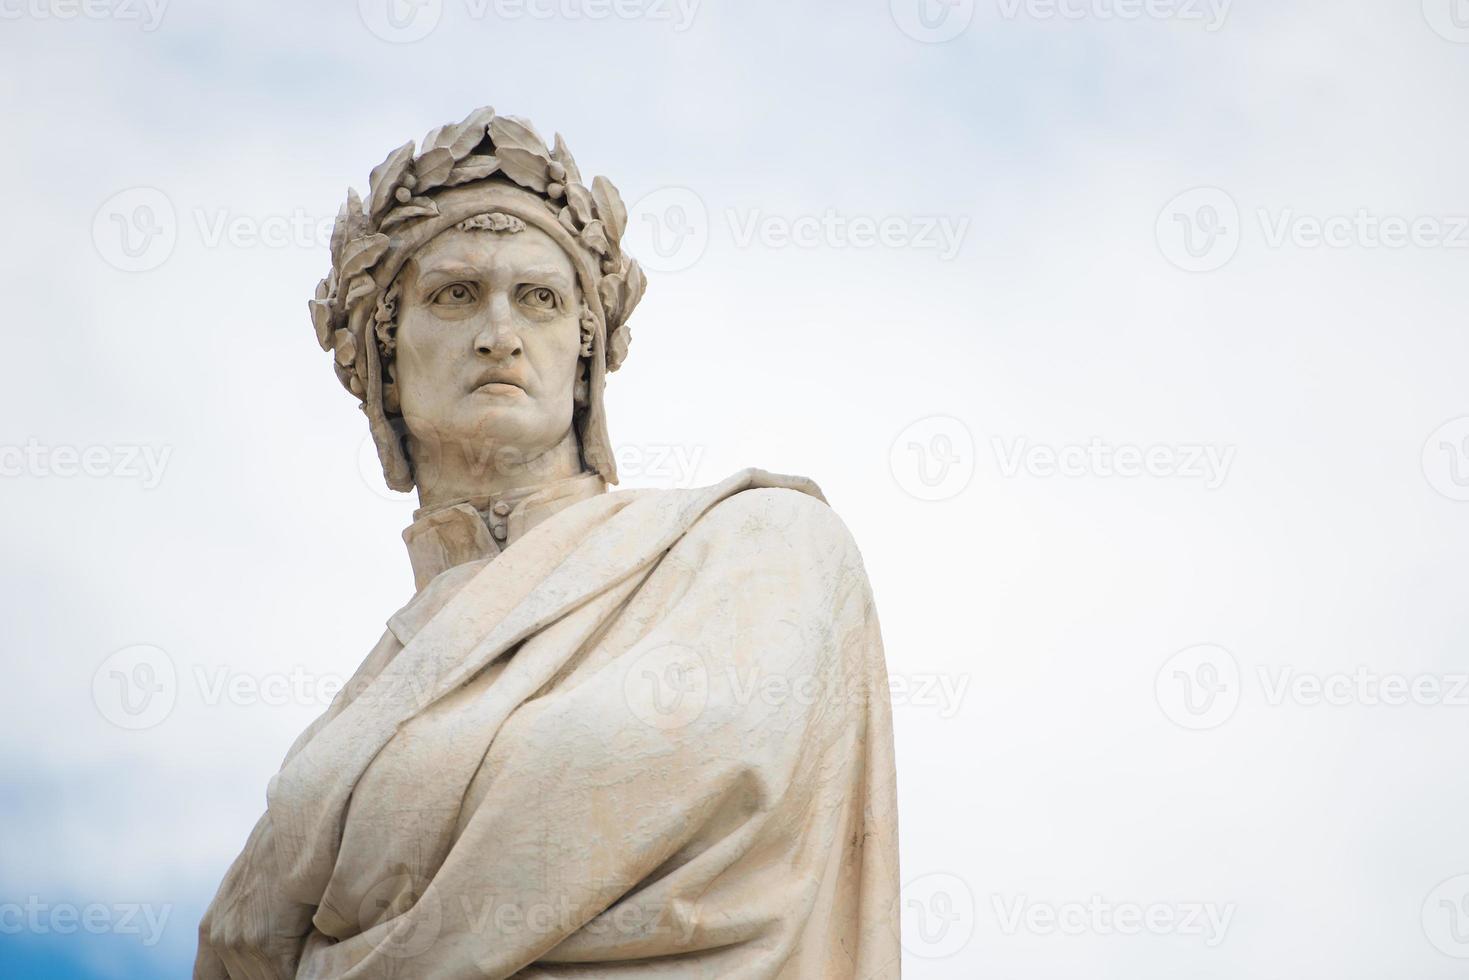 Estatua de Dante Alighieri en Florencia, Italia. foto